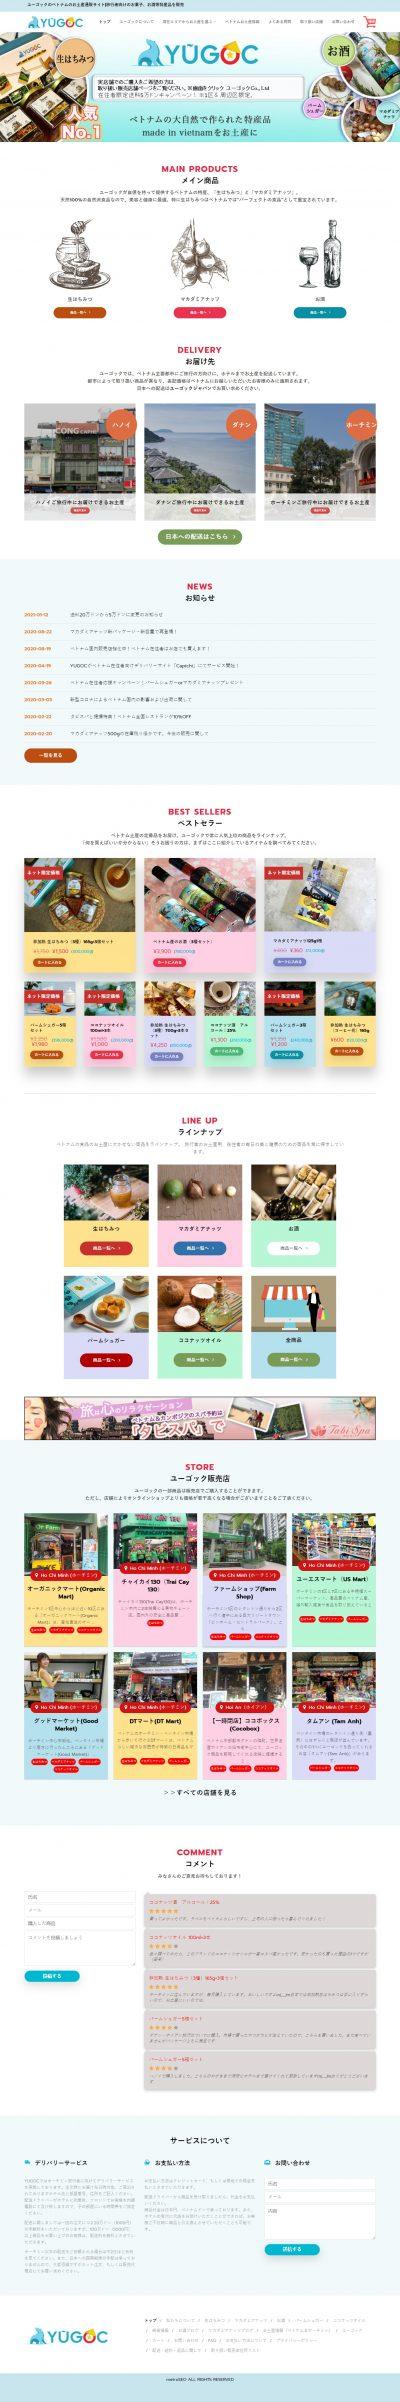 Yugoc – Sản phẩm Nhật